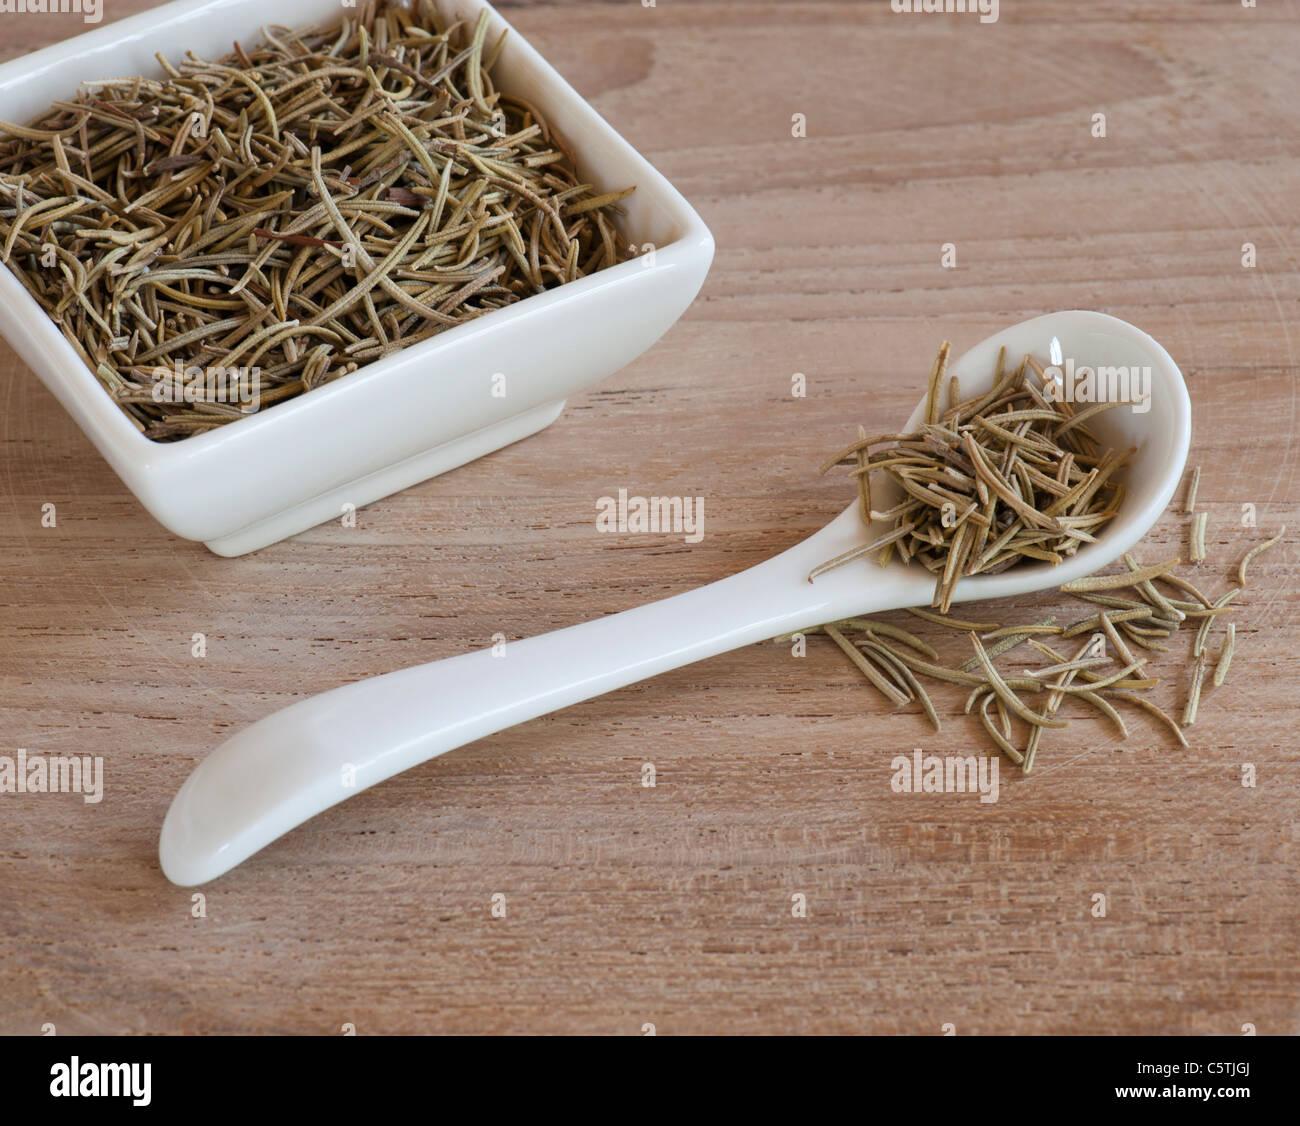 Une cuillère et Dishful de feuilles de Romarin aromatiques séchées, sur une surface de travail en Photo Stock